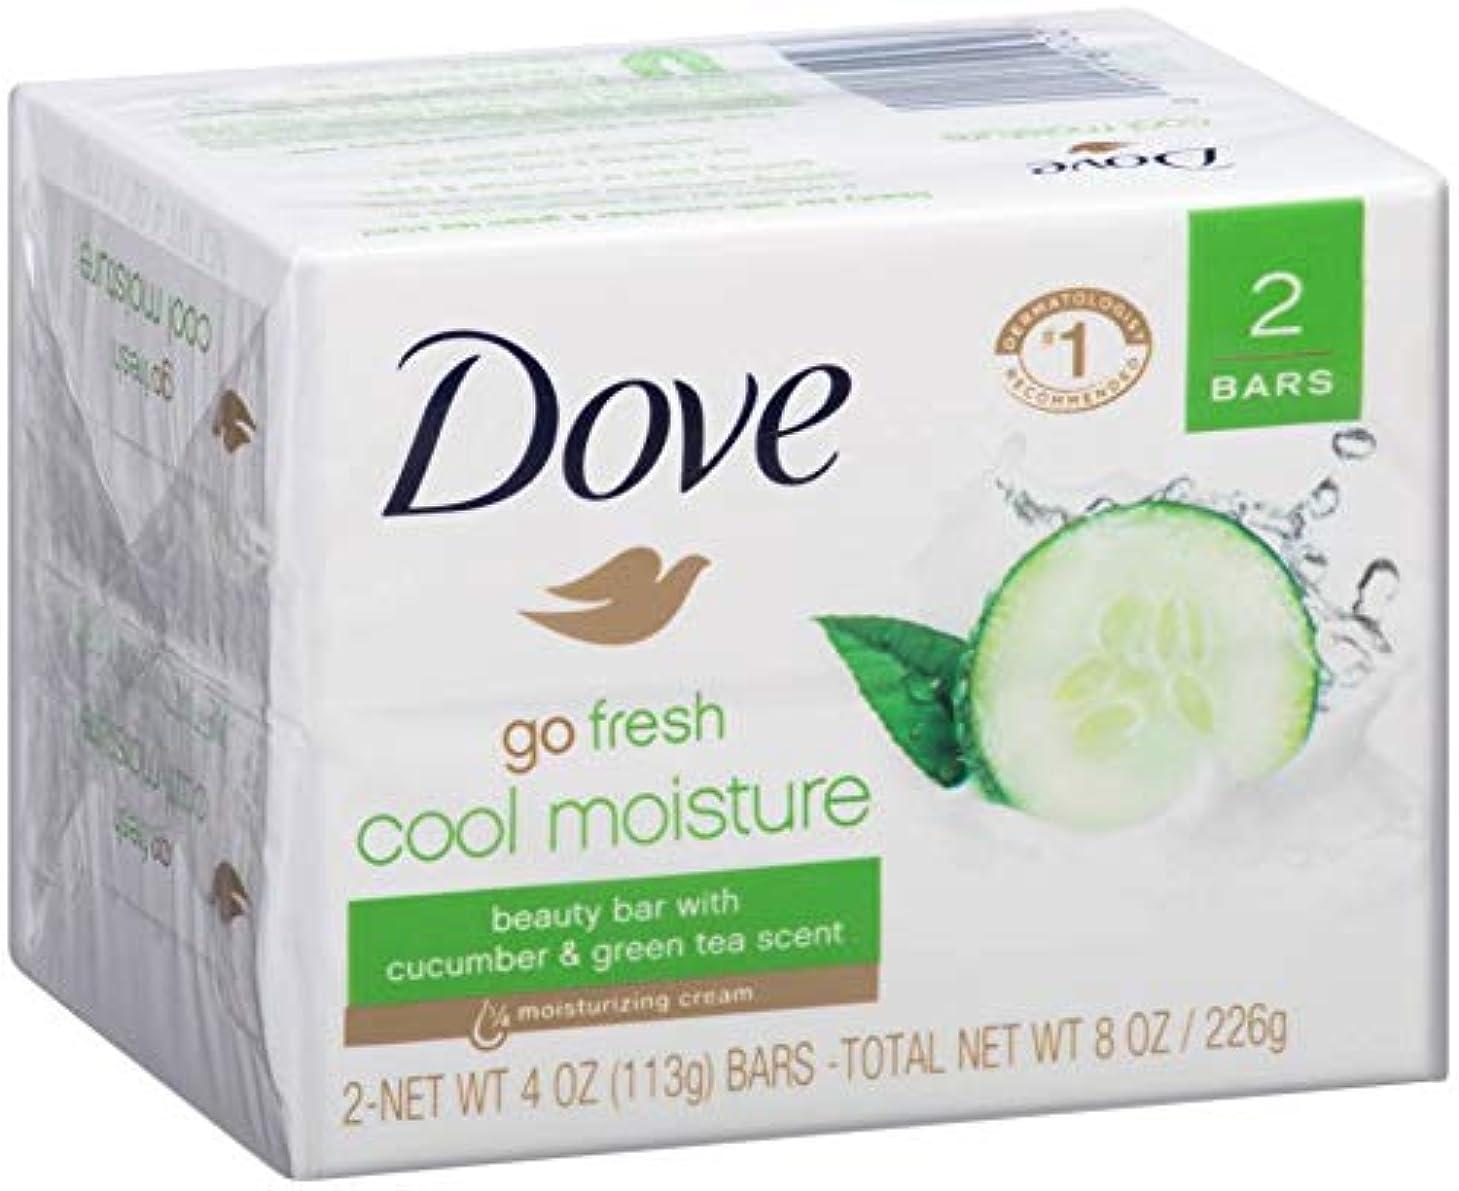 実用的スツール歴史Dove フレッシュクールモイスチャー美容Bars-キュウリ、緑茶の香り、2バー(24パック)を行きます